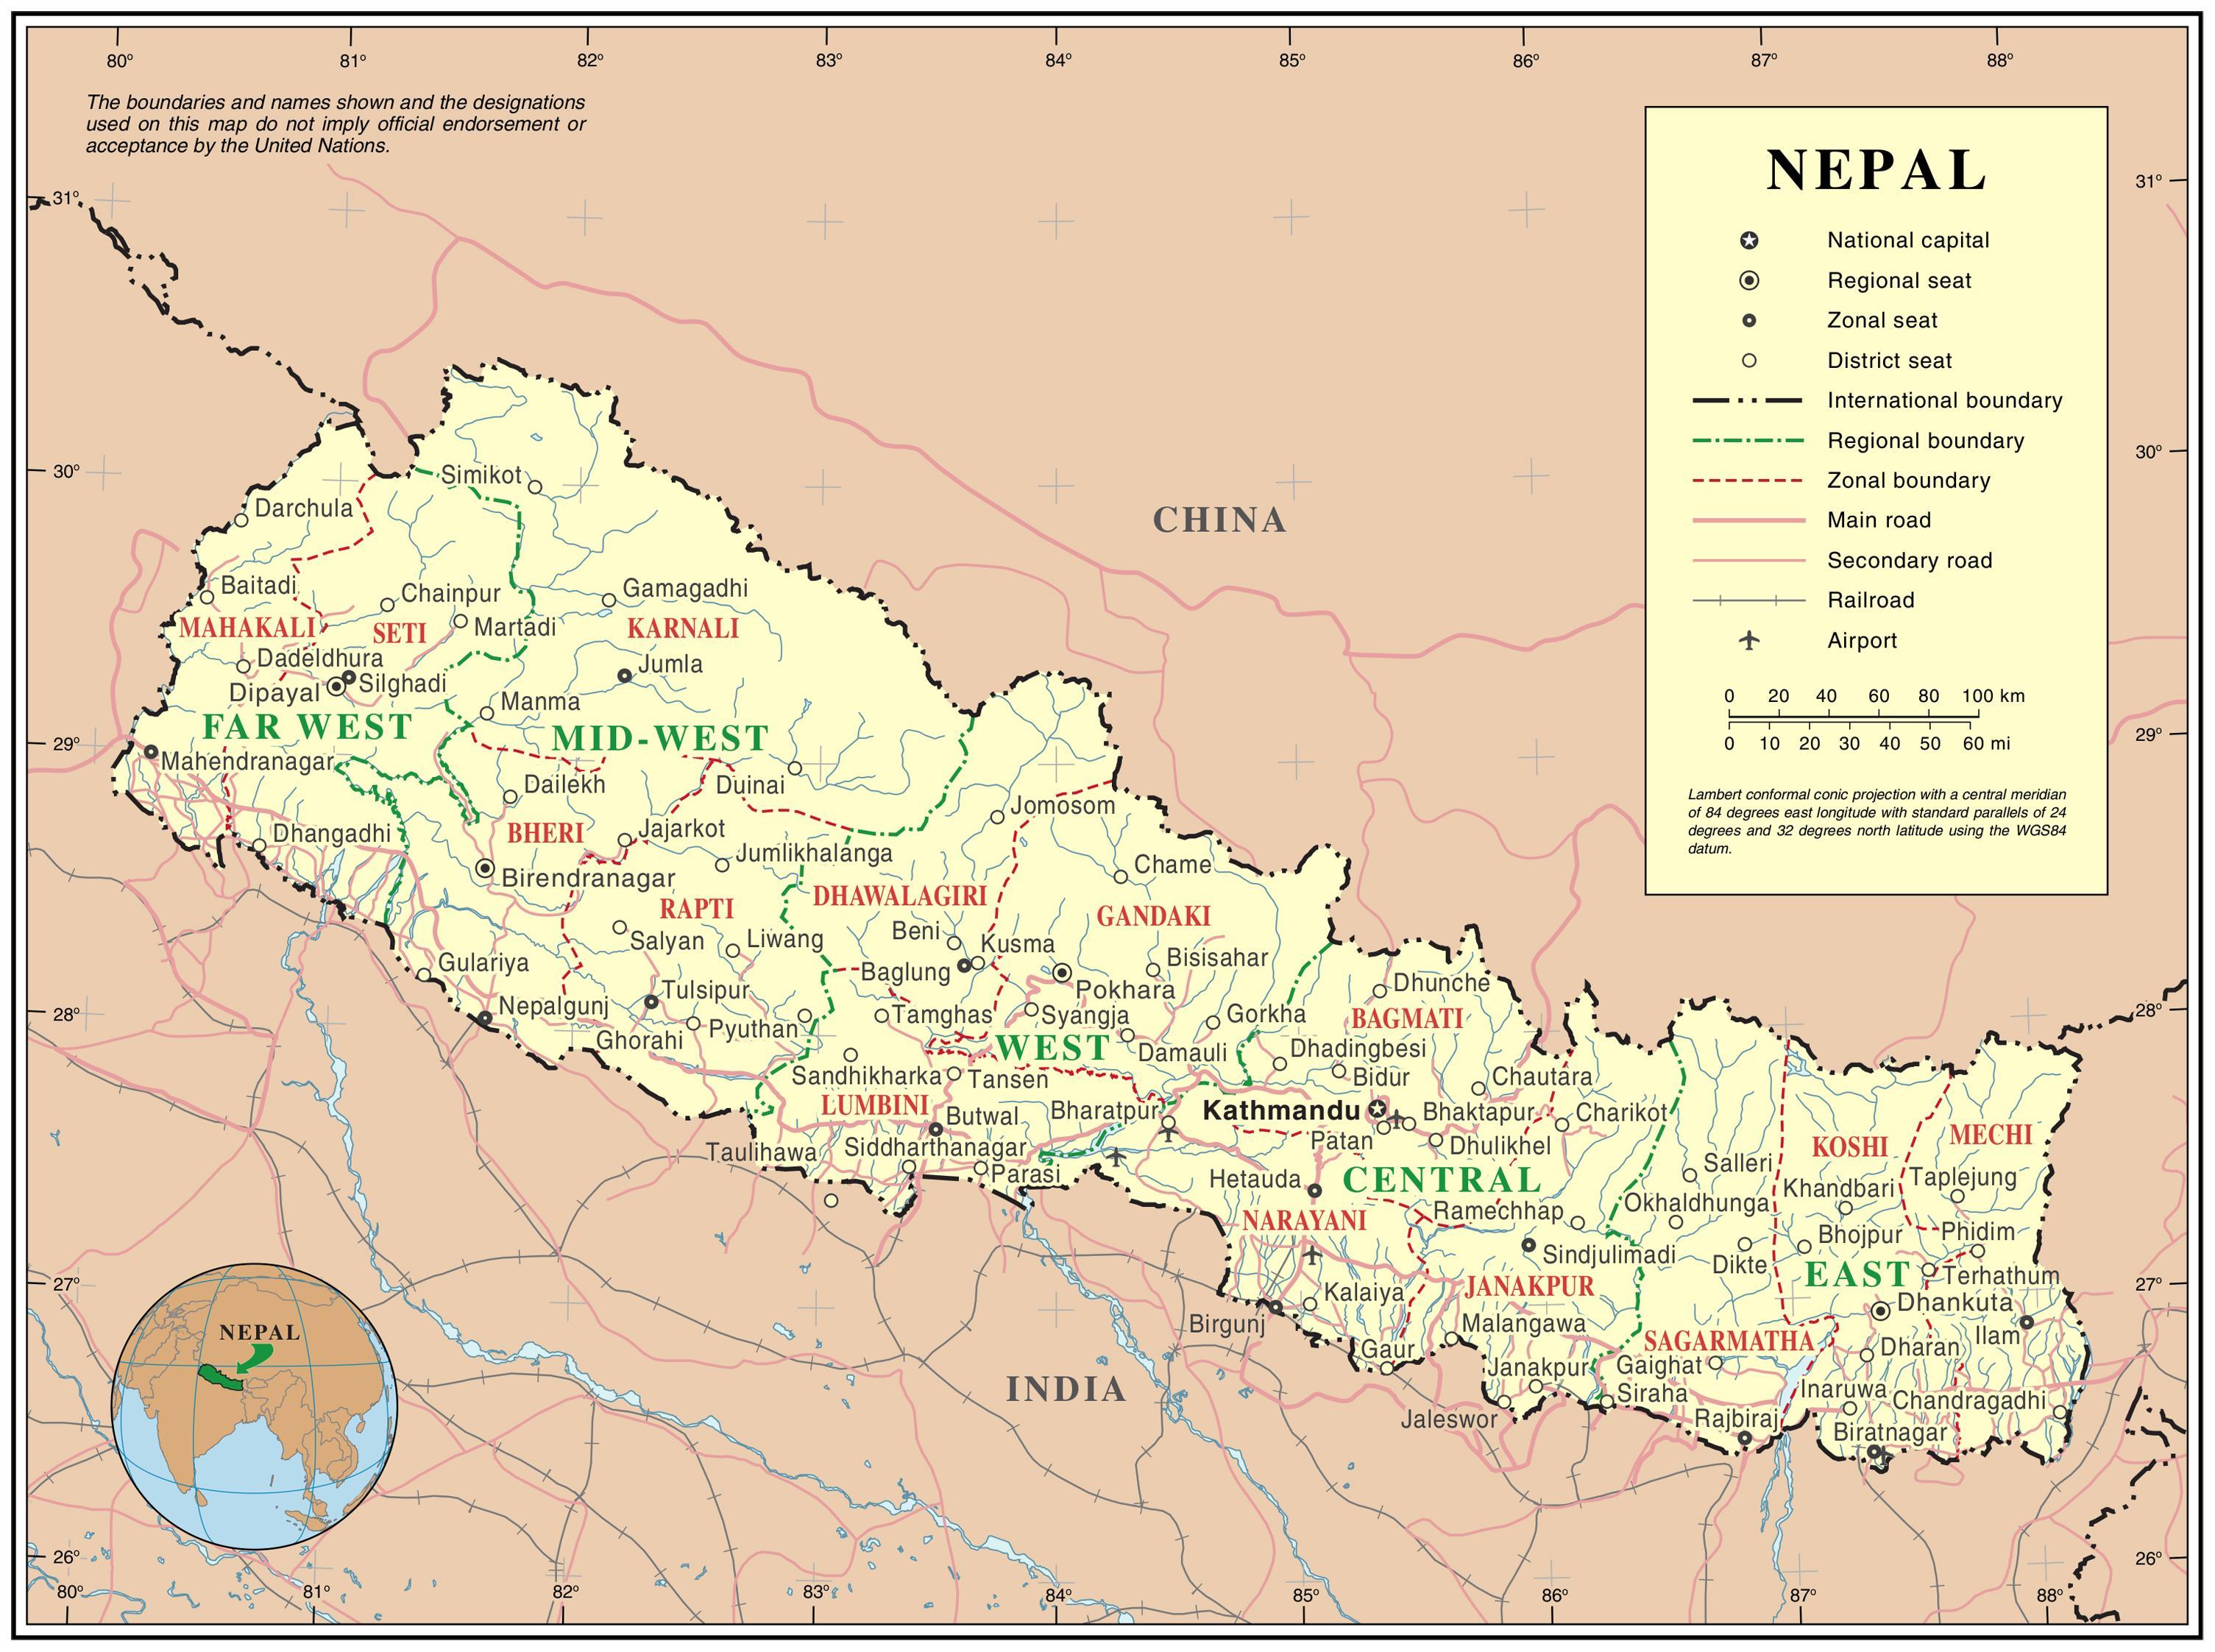 Nakvaemar Kort Af Nepal A Netinu Kort Af Nepal Sudur Asiu Asiu